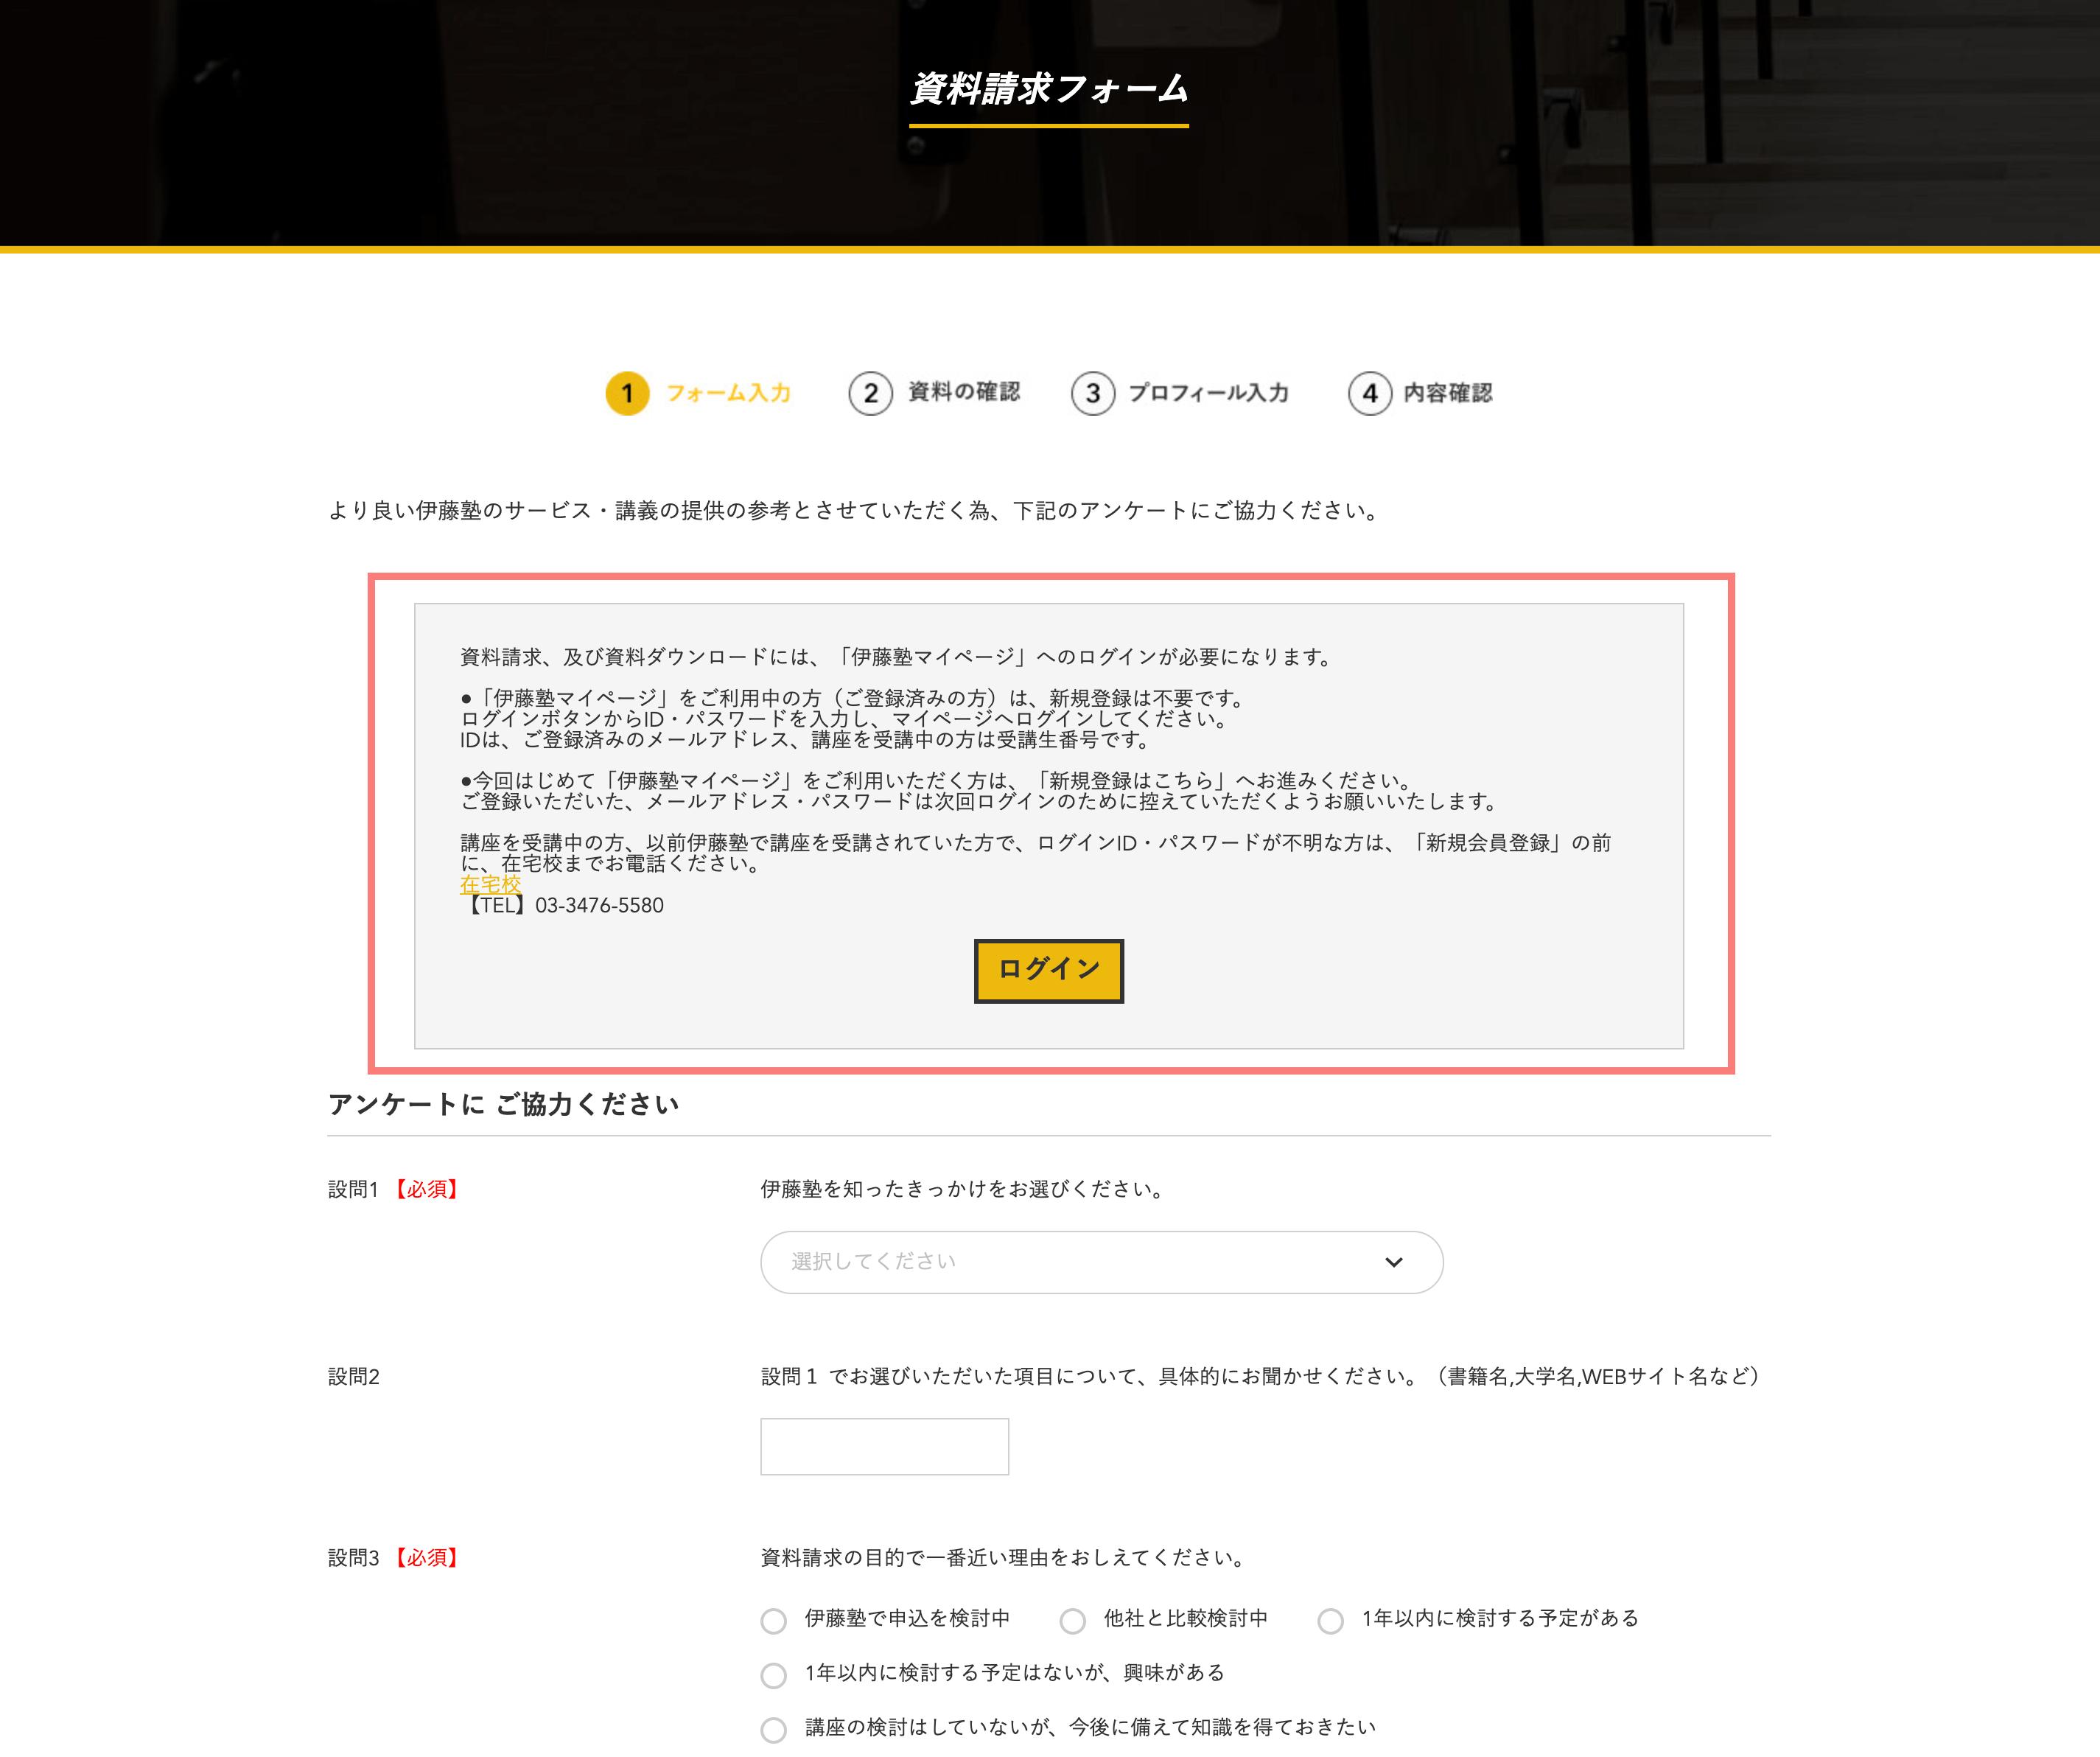 資料請求の申し込み